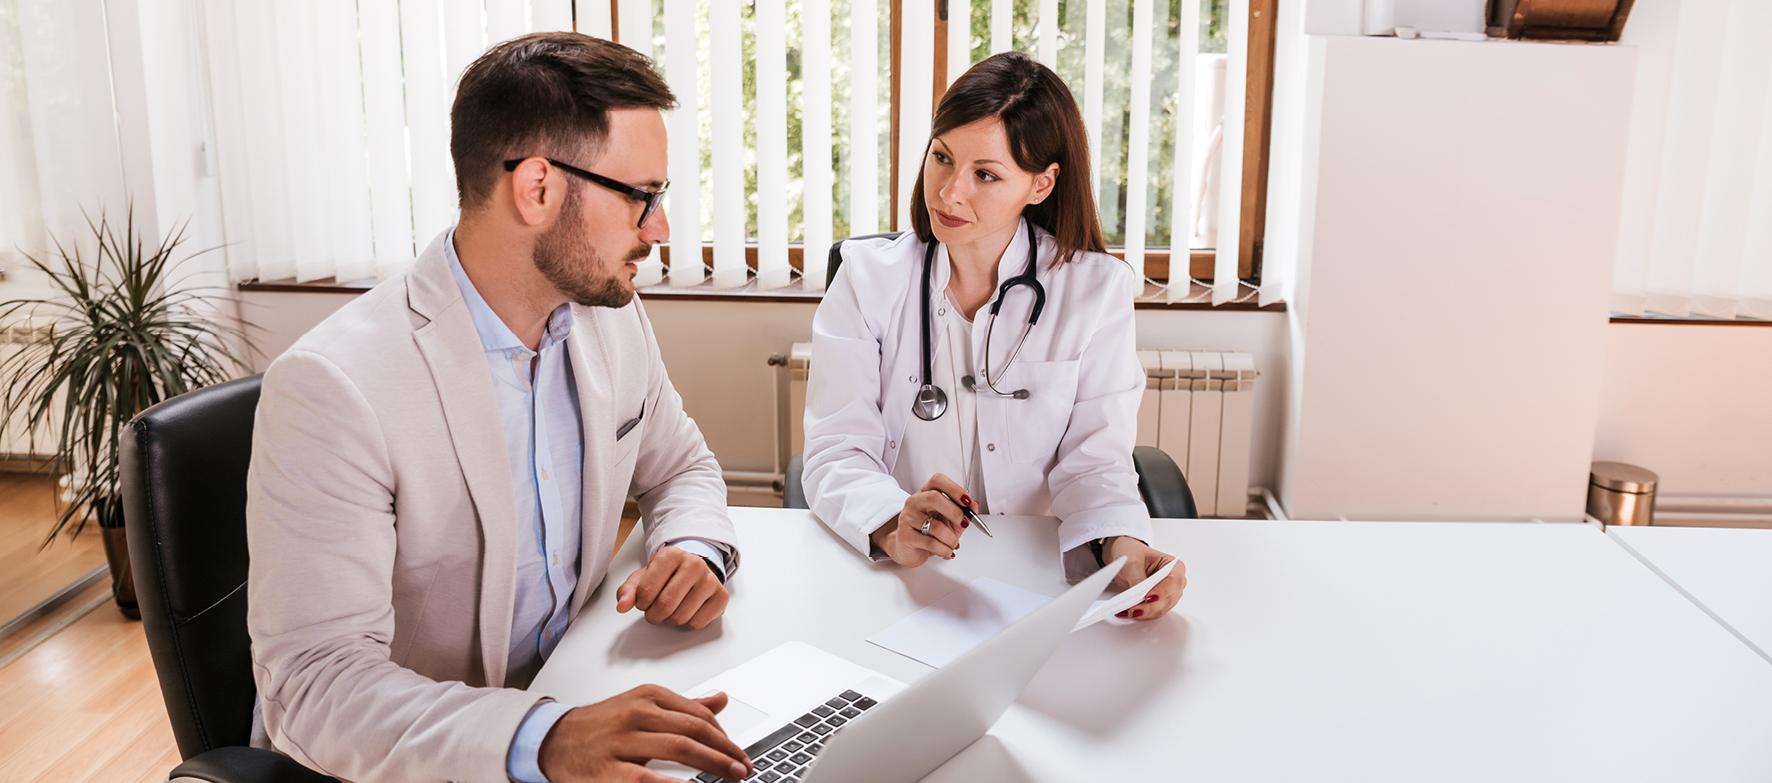 Ärztin und Berater sitzen an einem Tisch mit Papier und Laptop